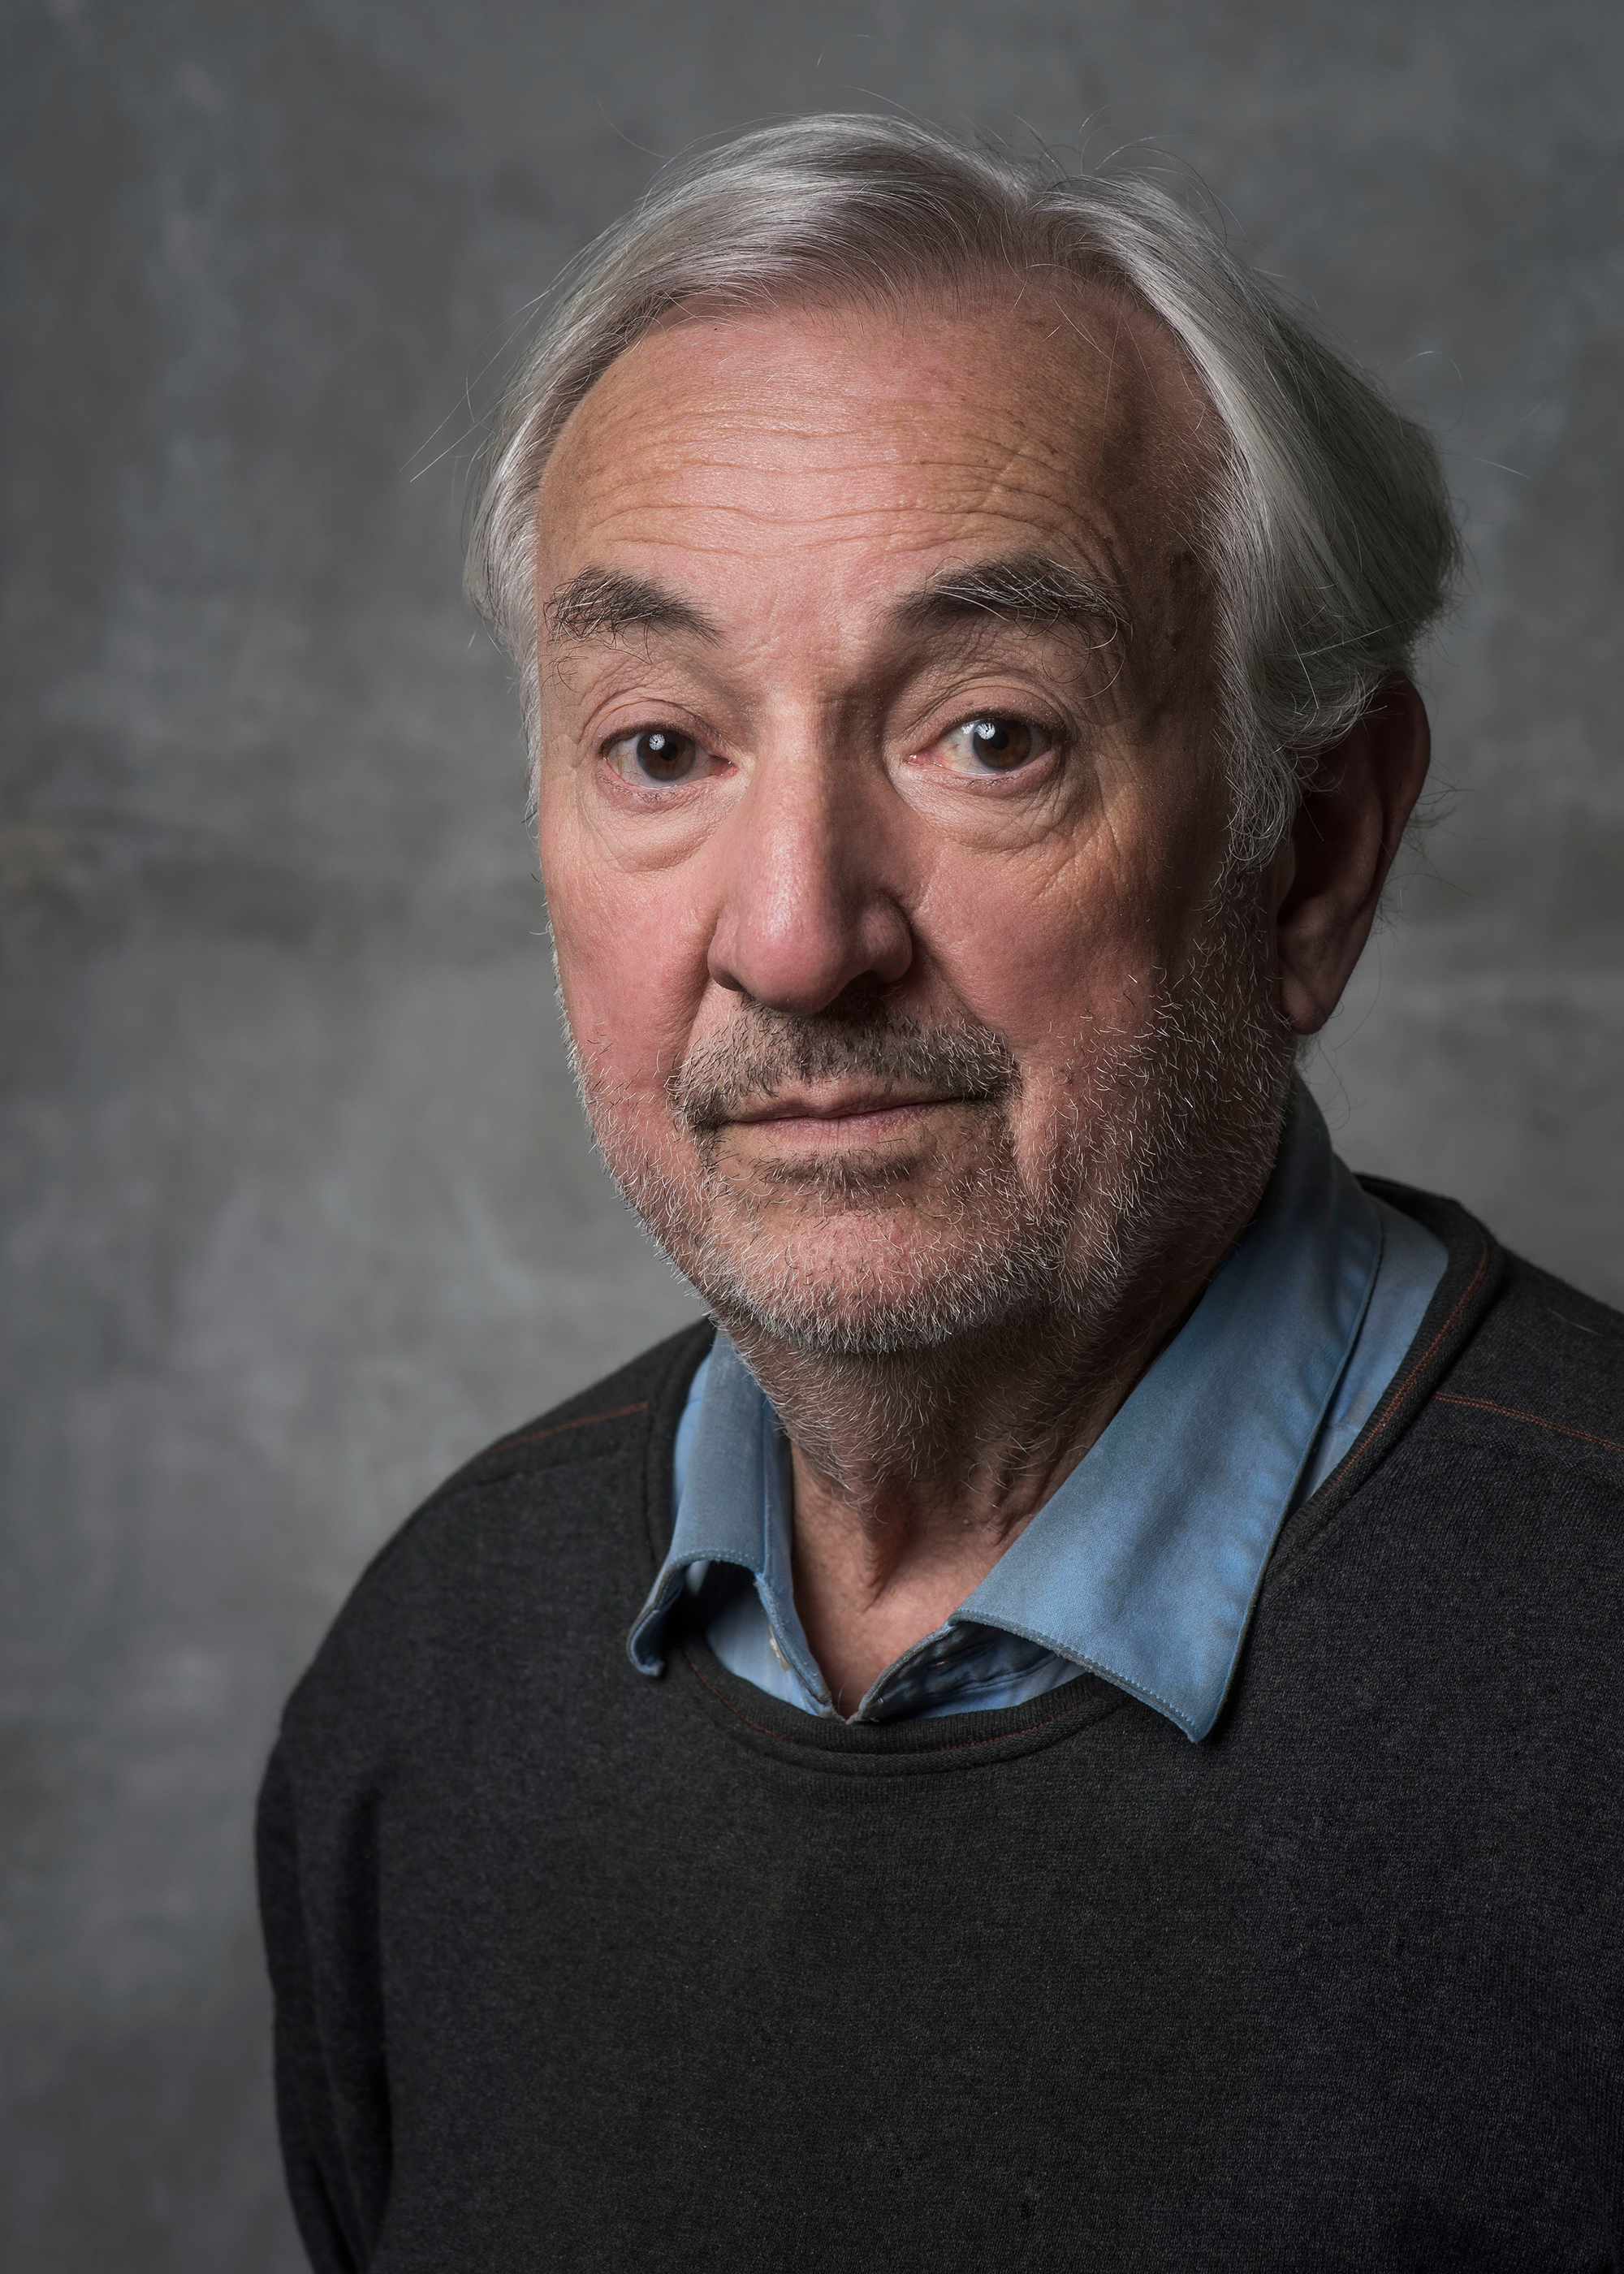 Robert Mangurian portrait